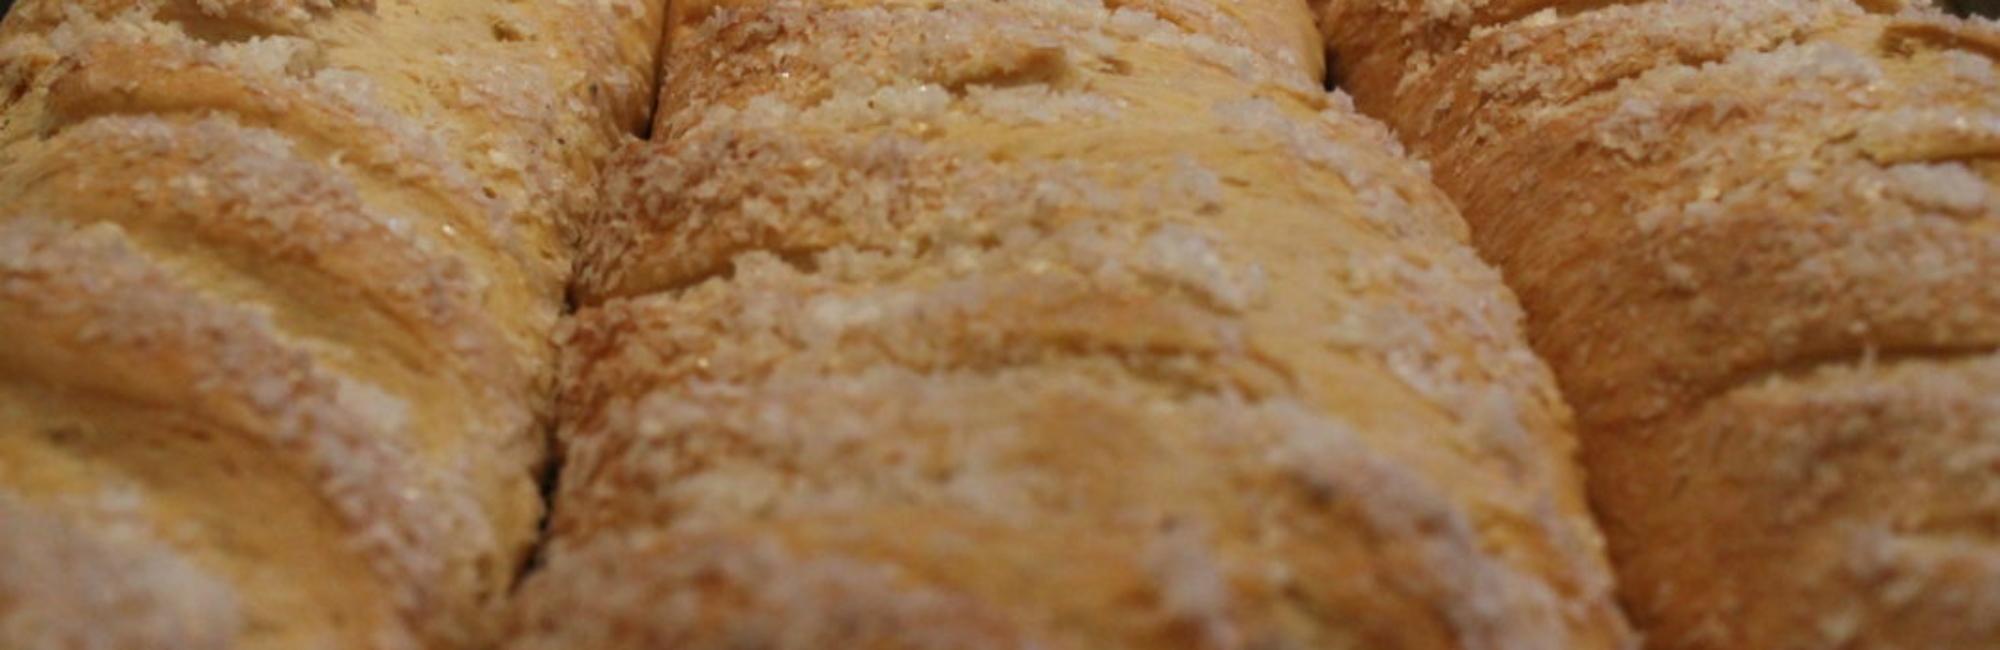 salt loaf close up